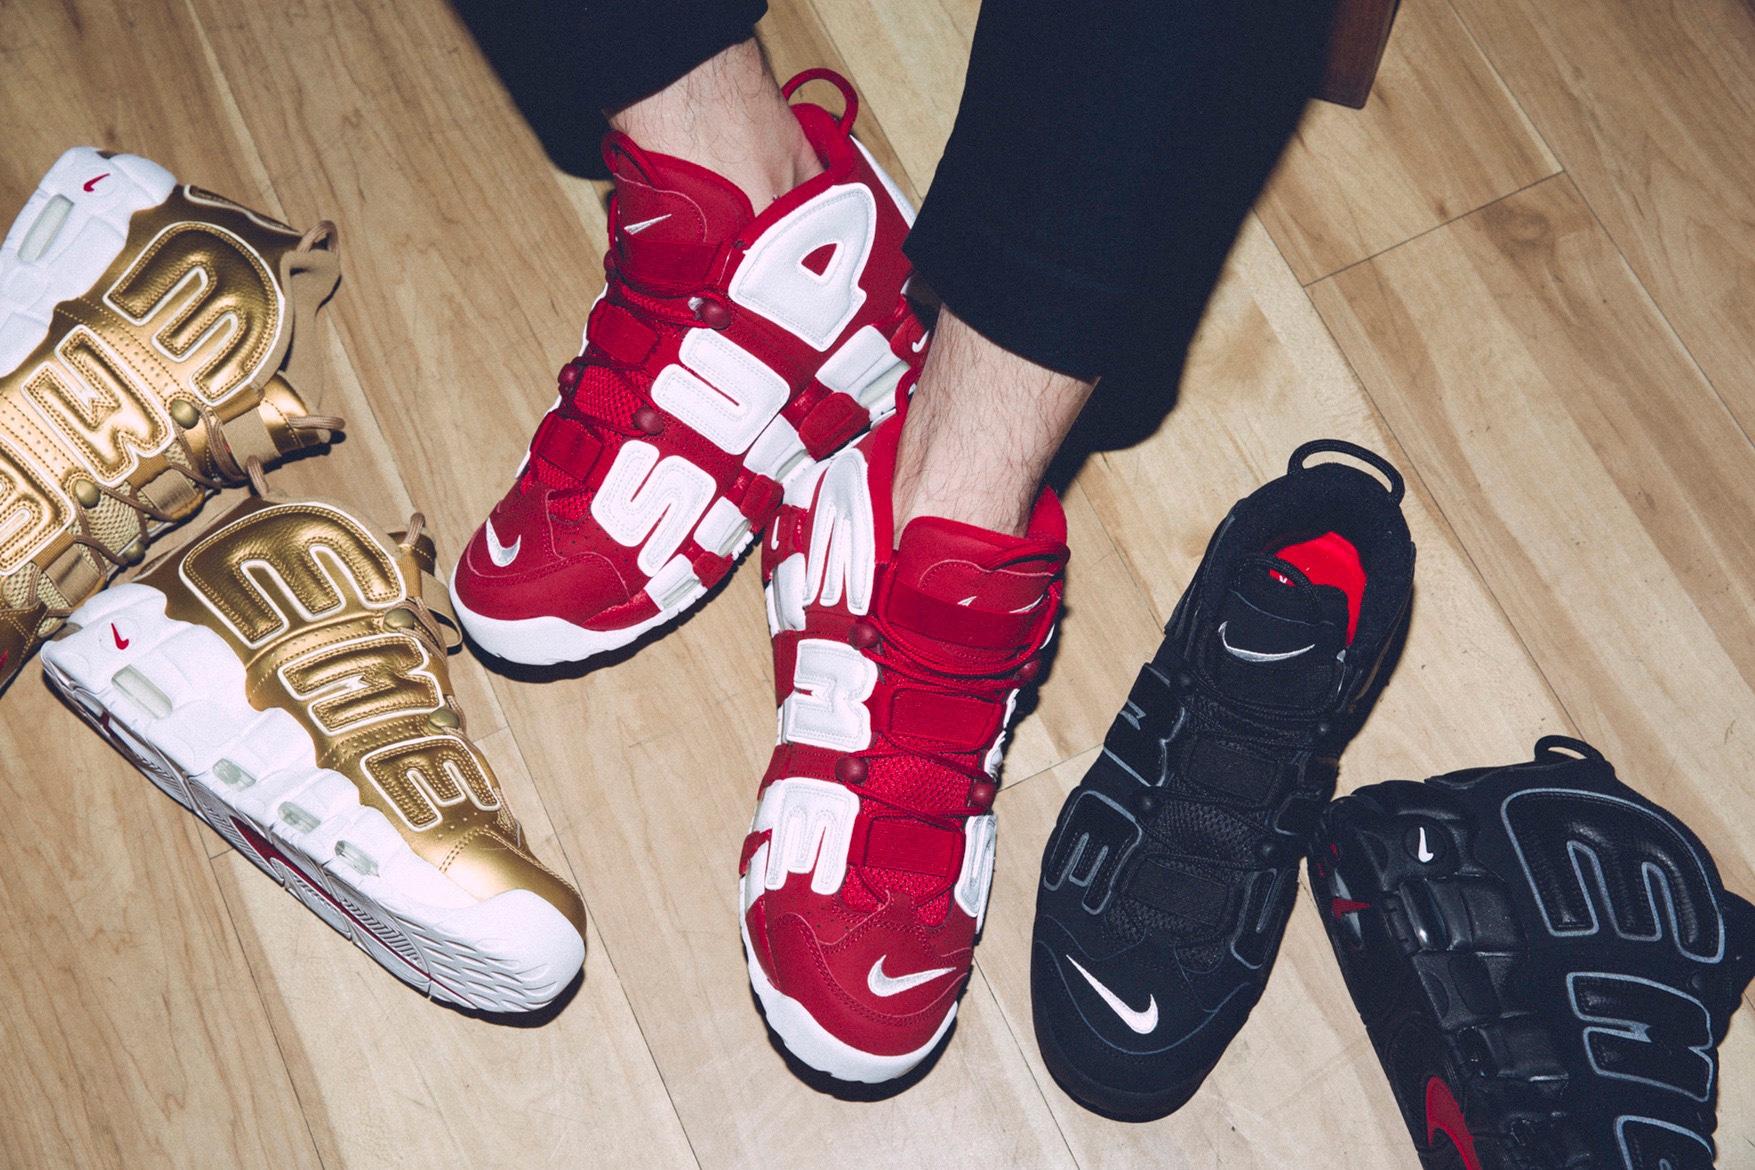 La Supreme x Nike Air More Uptempos prévue pour un deuxième round